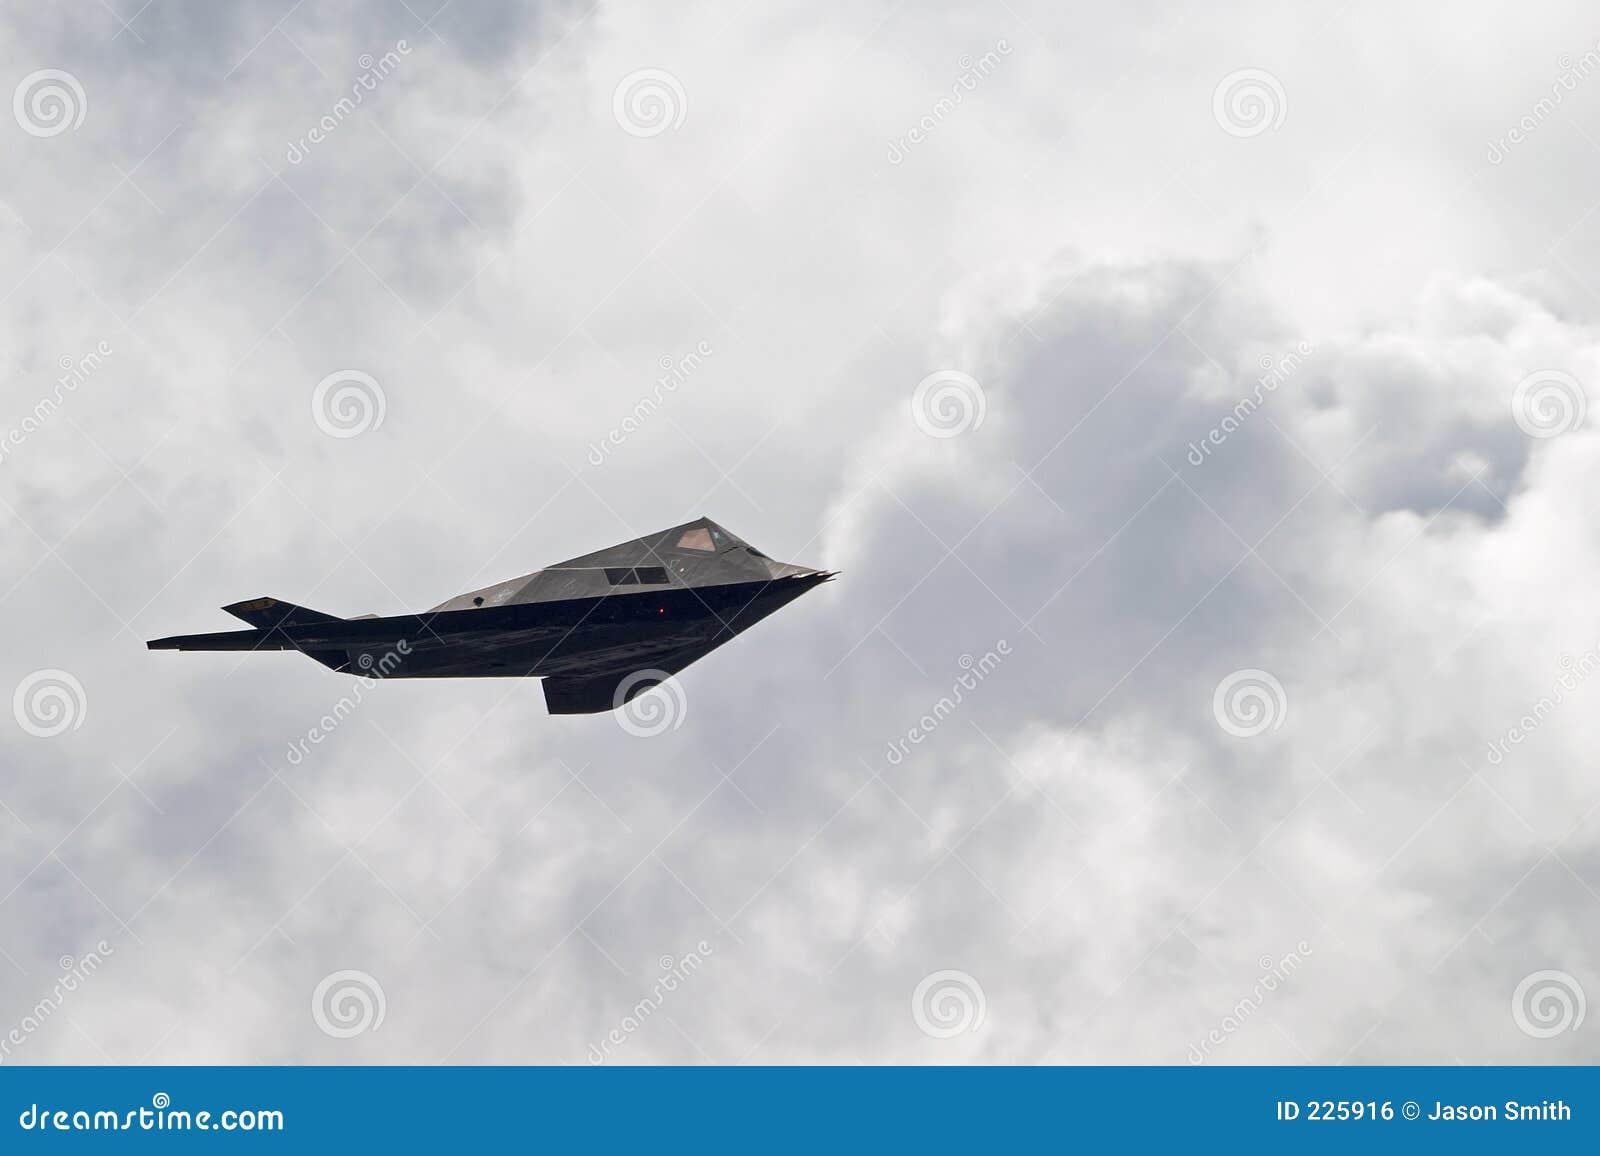 F-117 Nighthawk (aka Stealth Fighter)